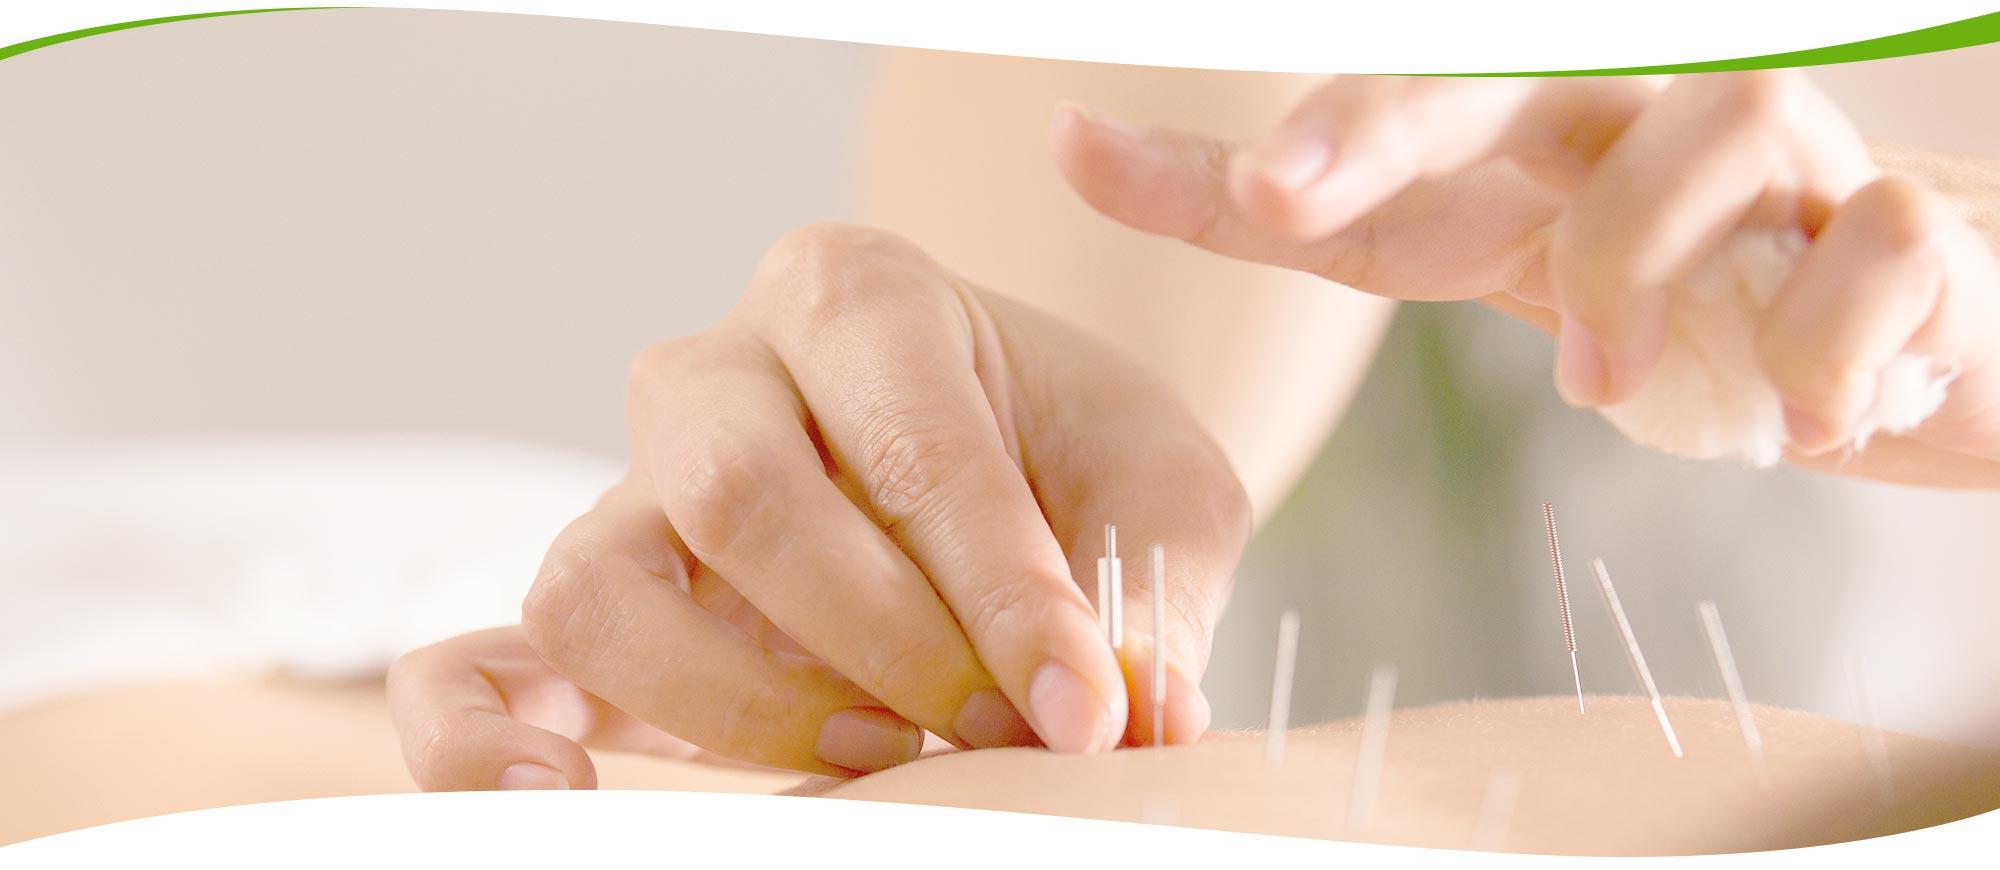 さちこ鍼灸院 鍼灸施術のイメージ画像